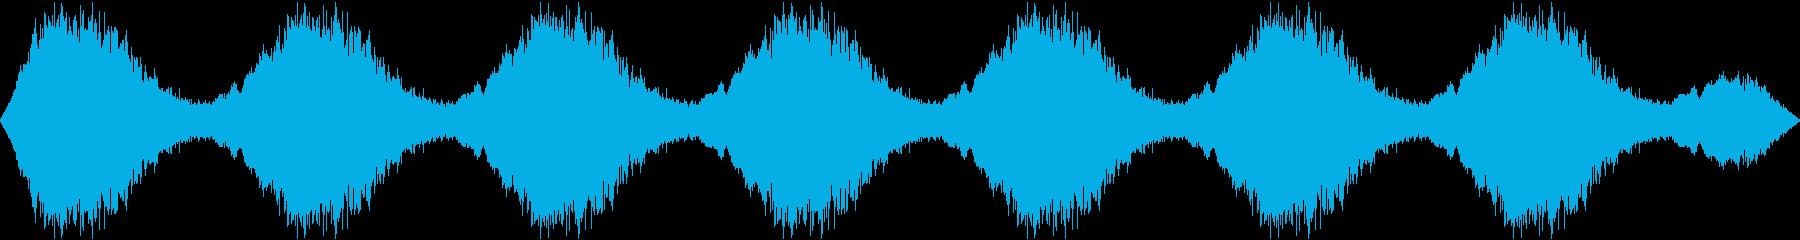 【ダークアンビエント】 破滅の再生済みの波形